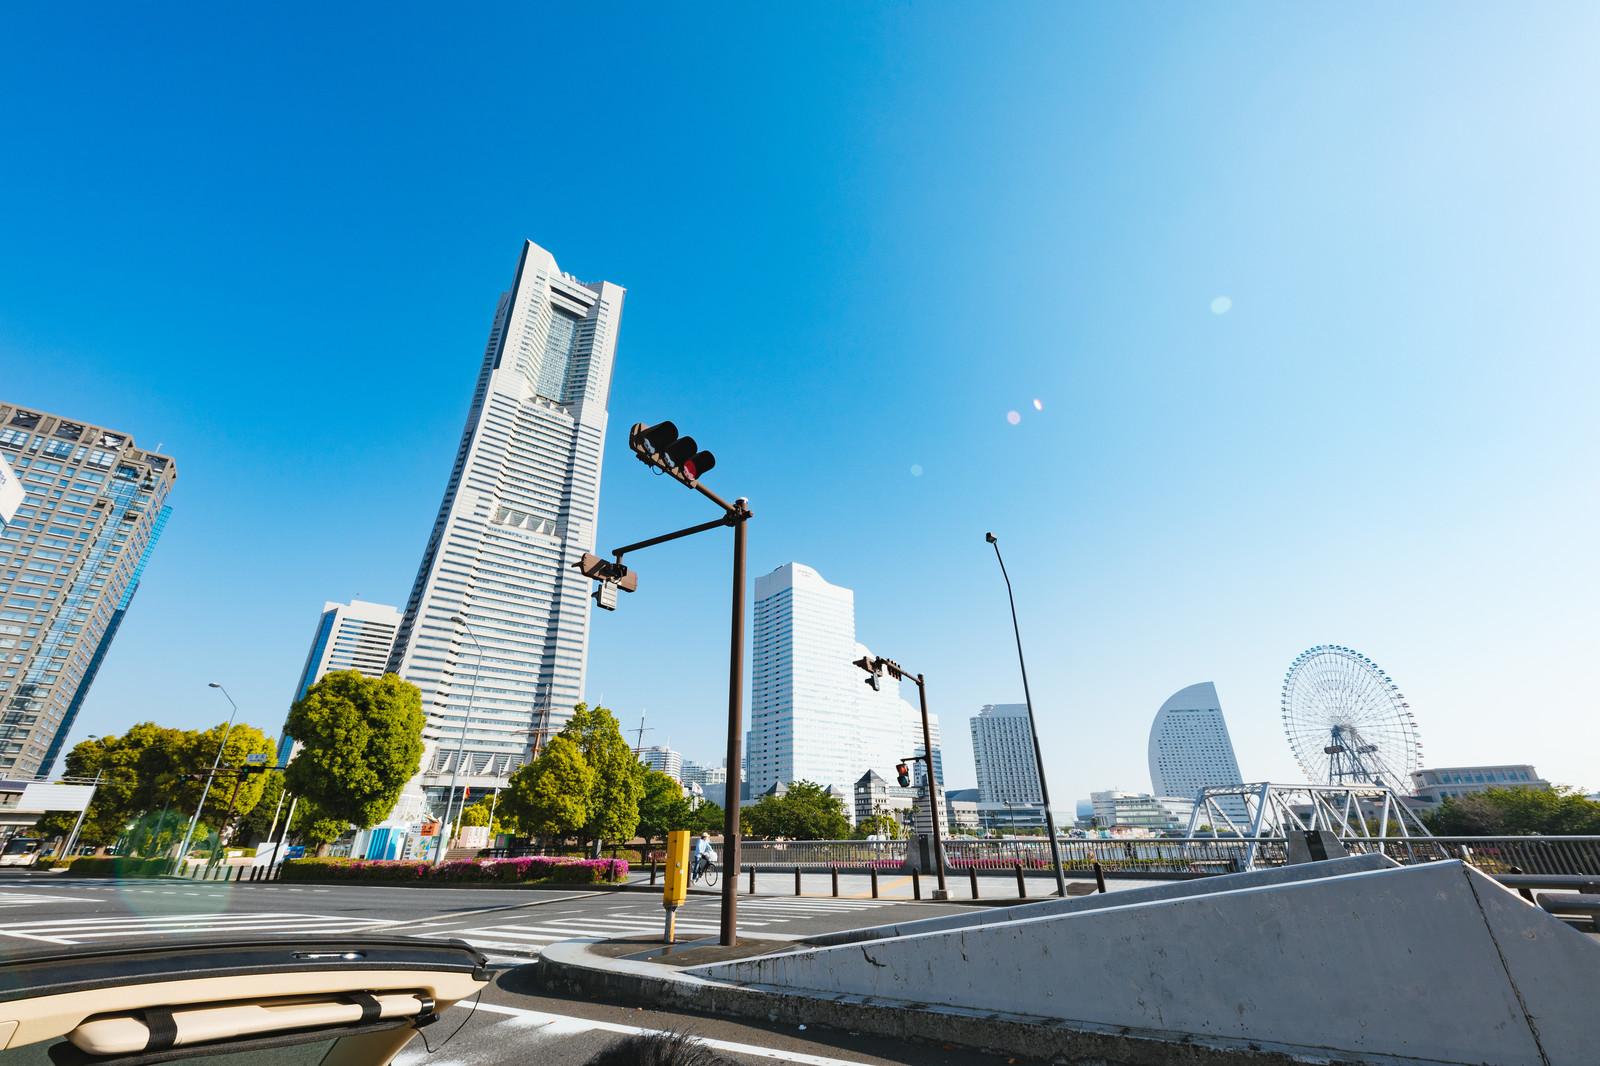 神奈川県横浜市の街並み